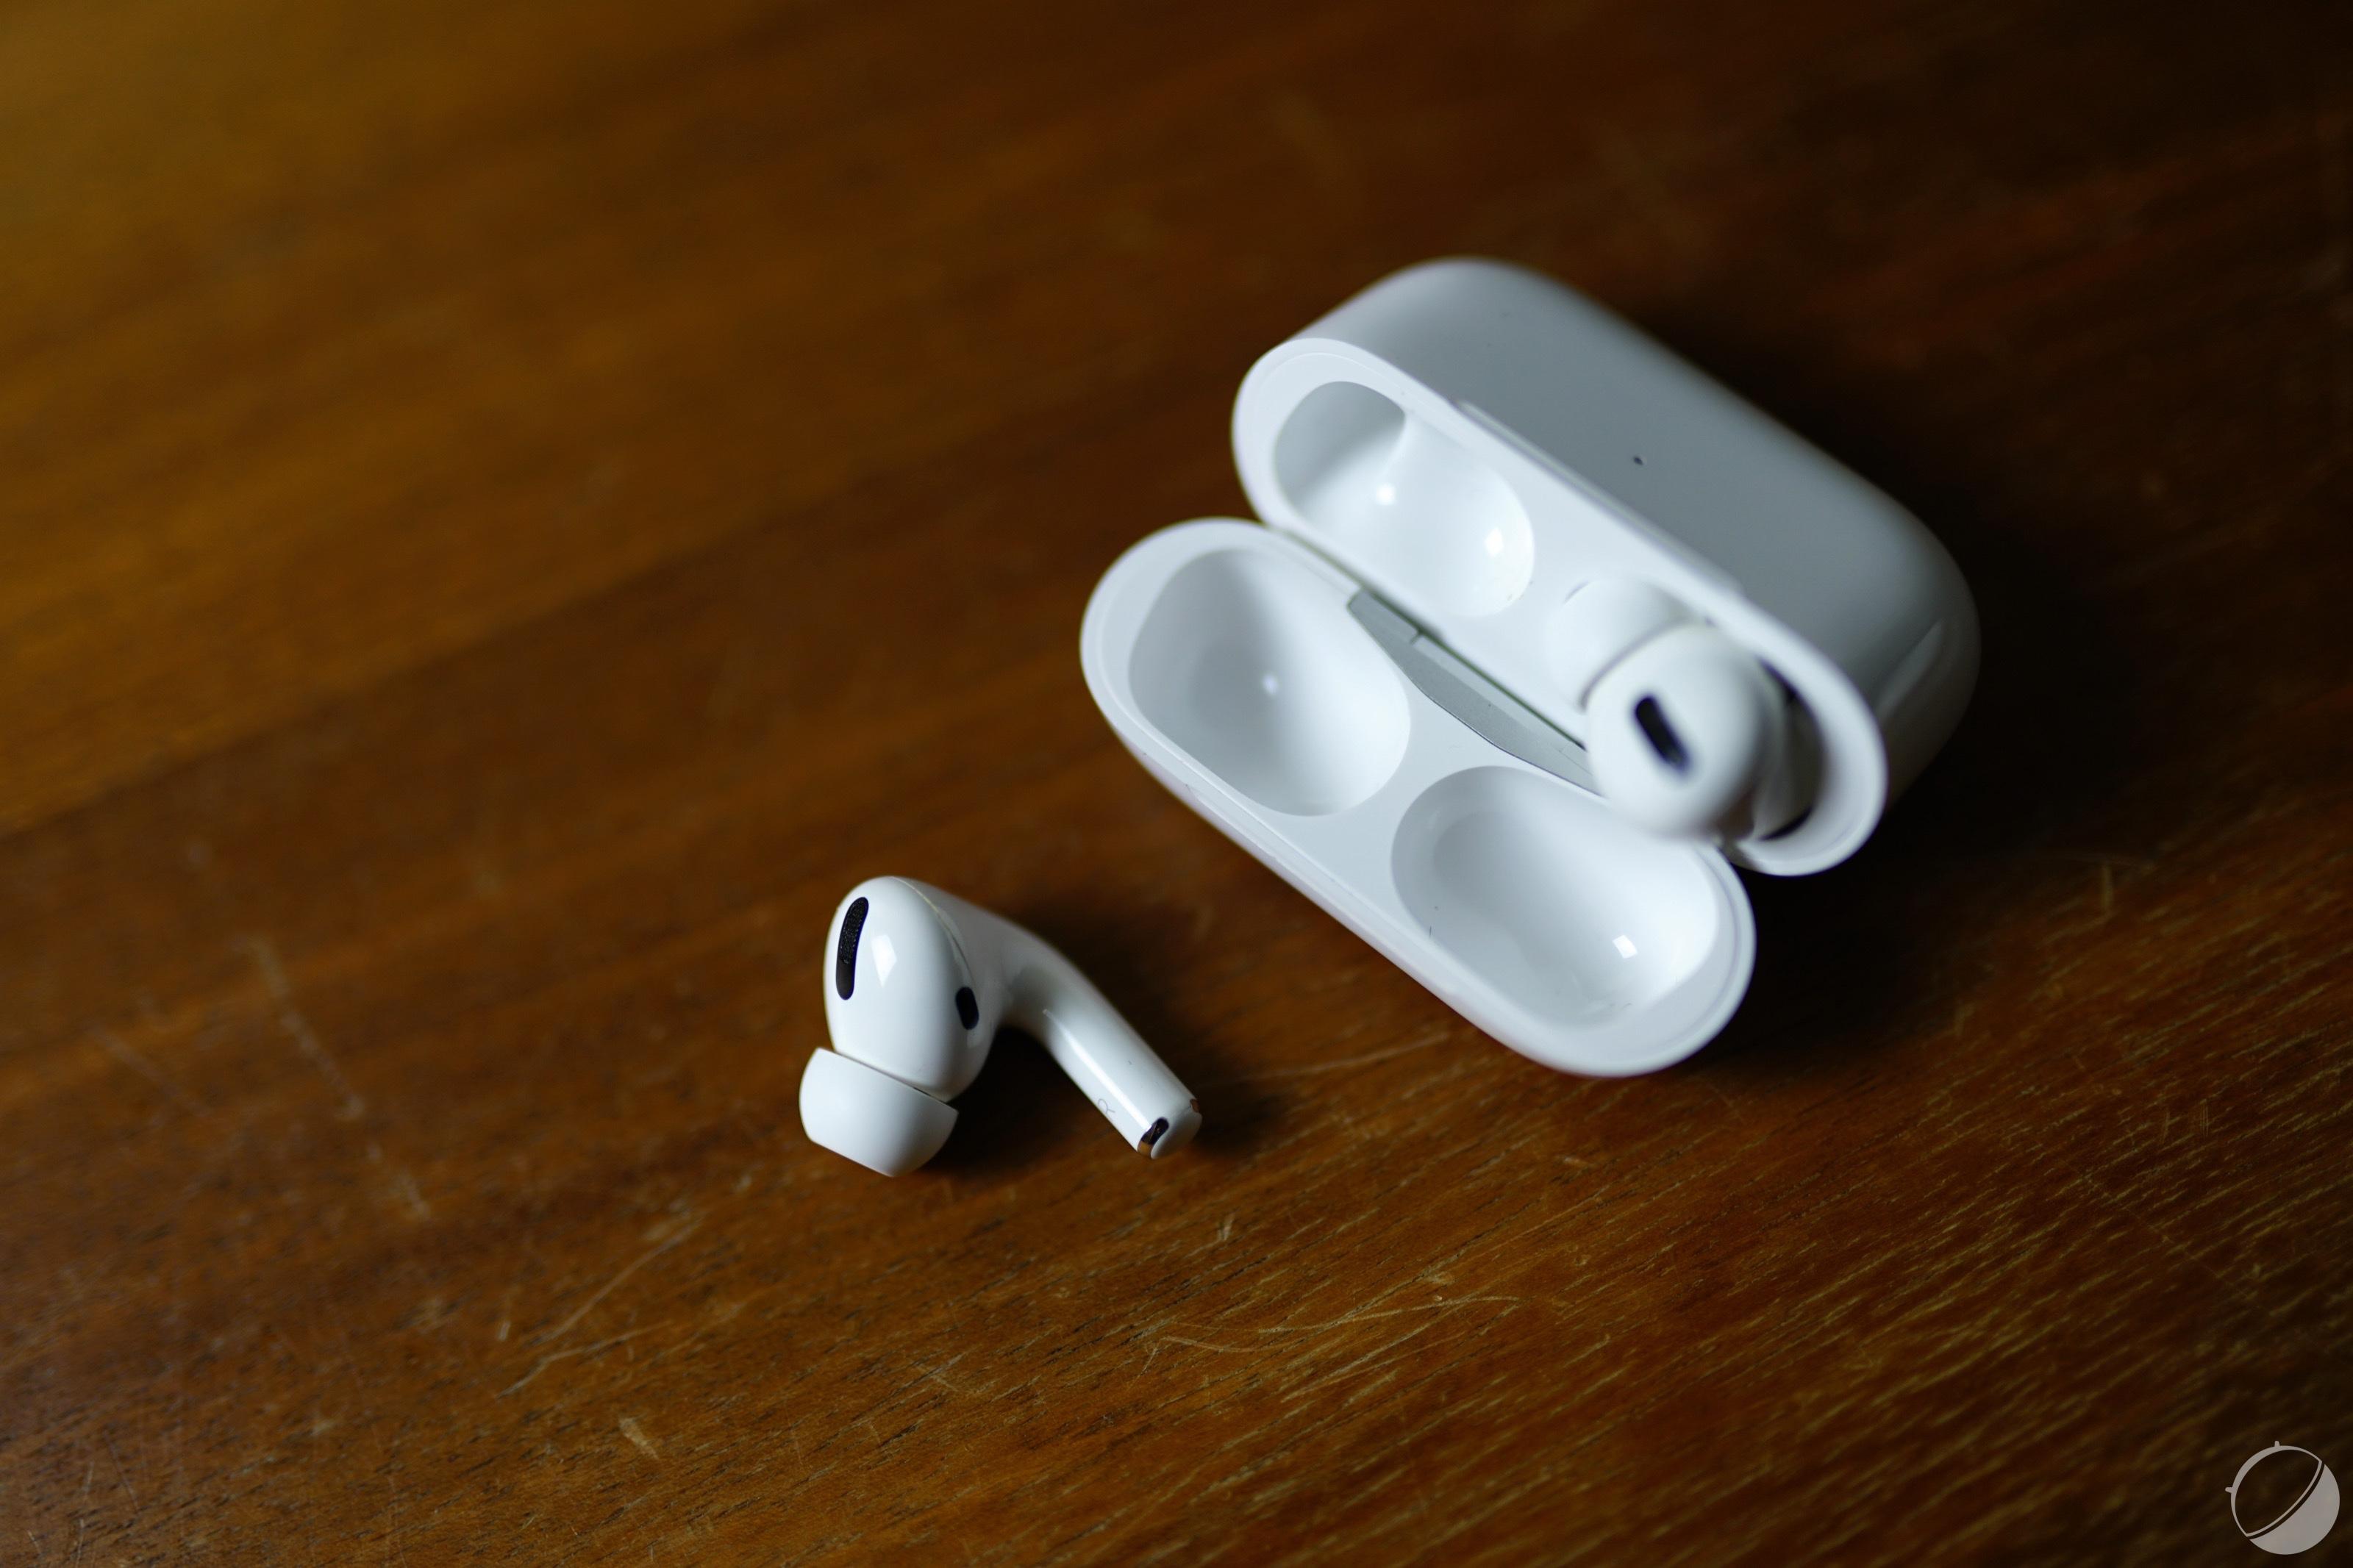 AirPods Pro sous iOS 15 : comment installer leur version bêta ?